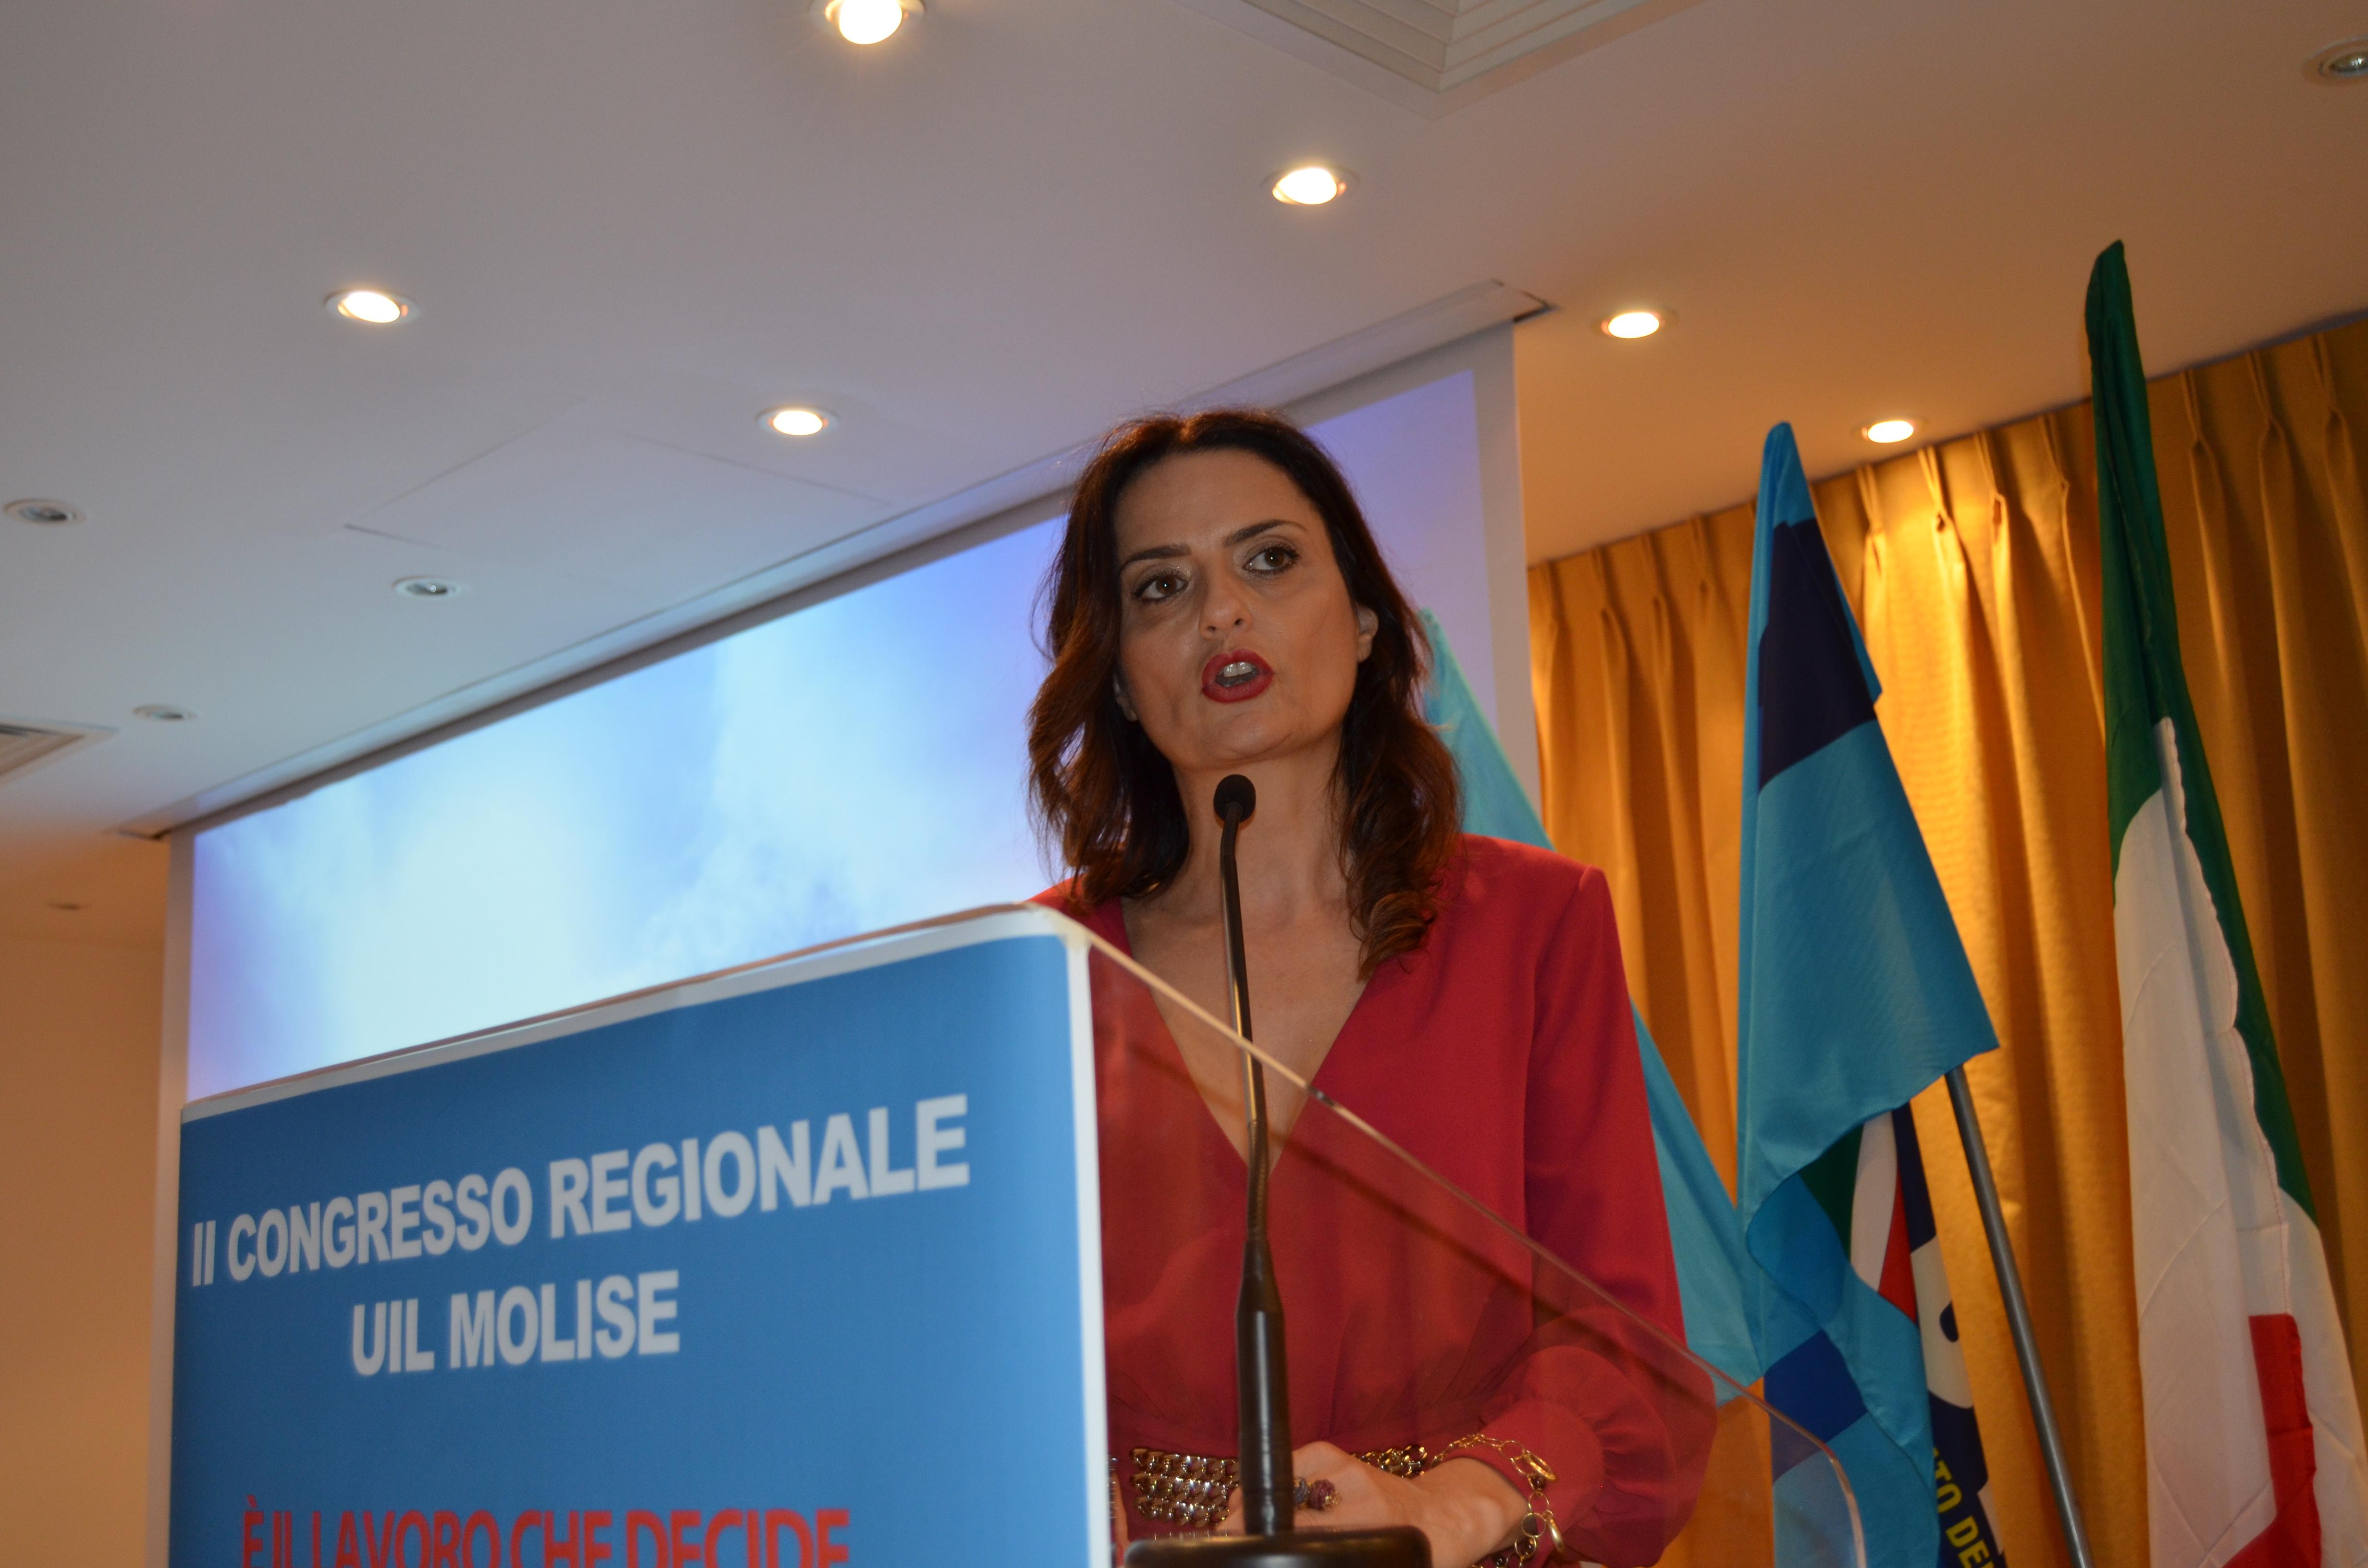 Congresso regionale UIL Molise: Tecla Boccardo rieletta al vertice